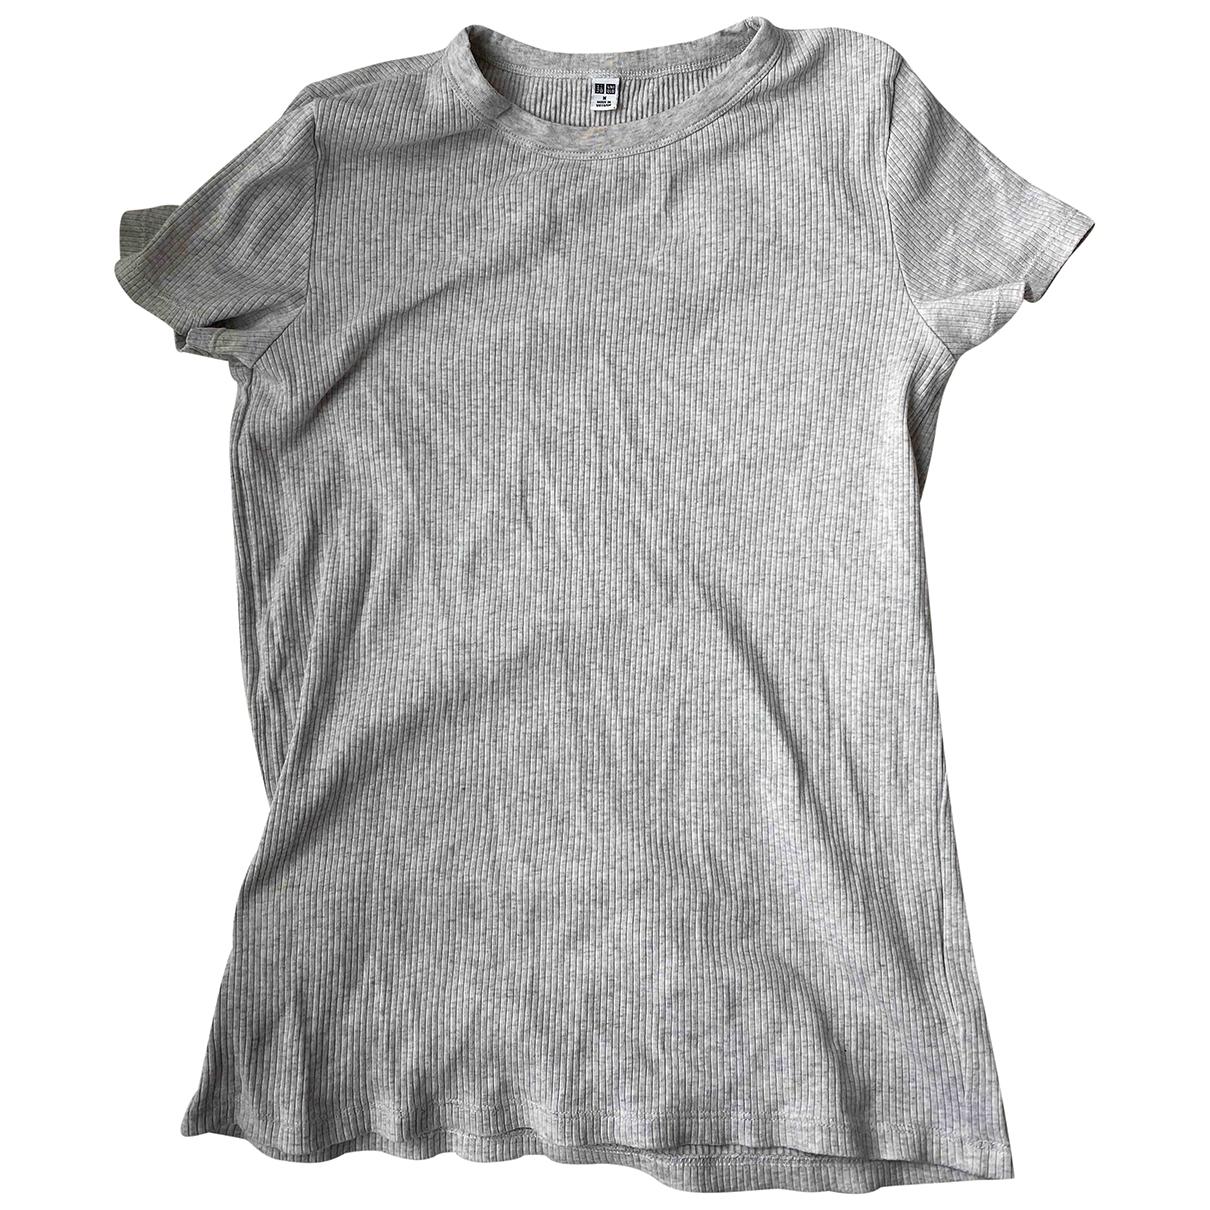 Uniqlo \N Top in  Grau Baumwolle